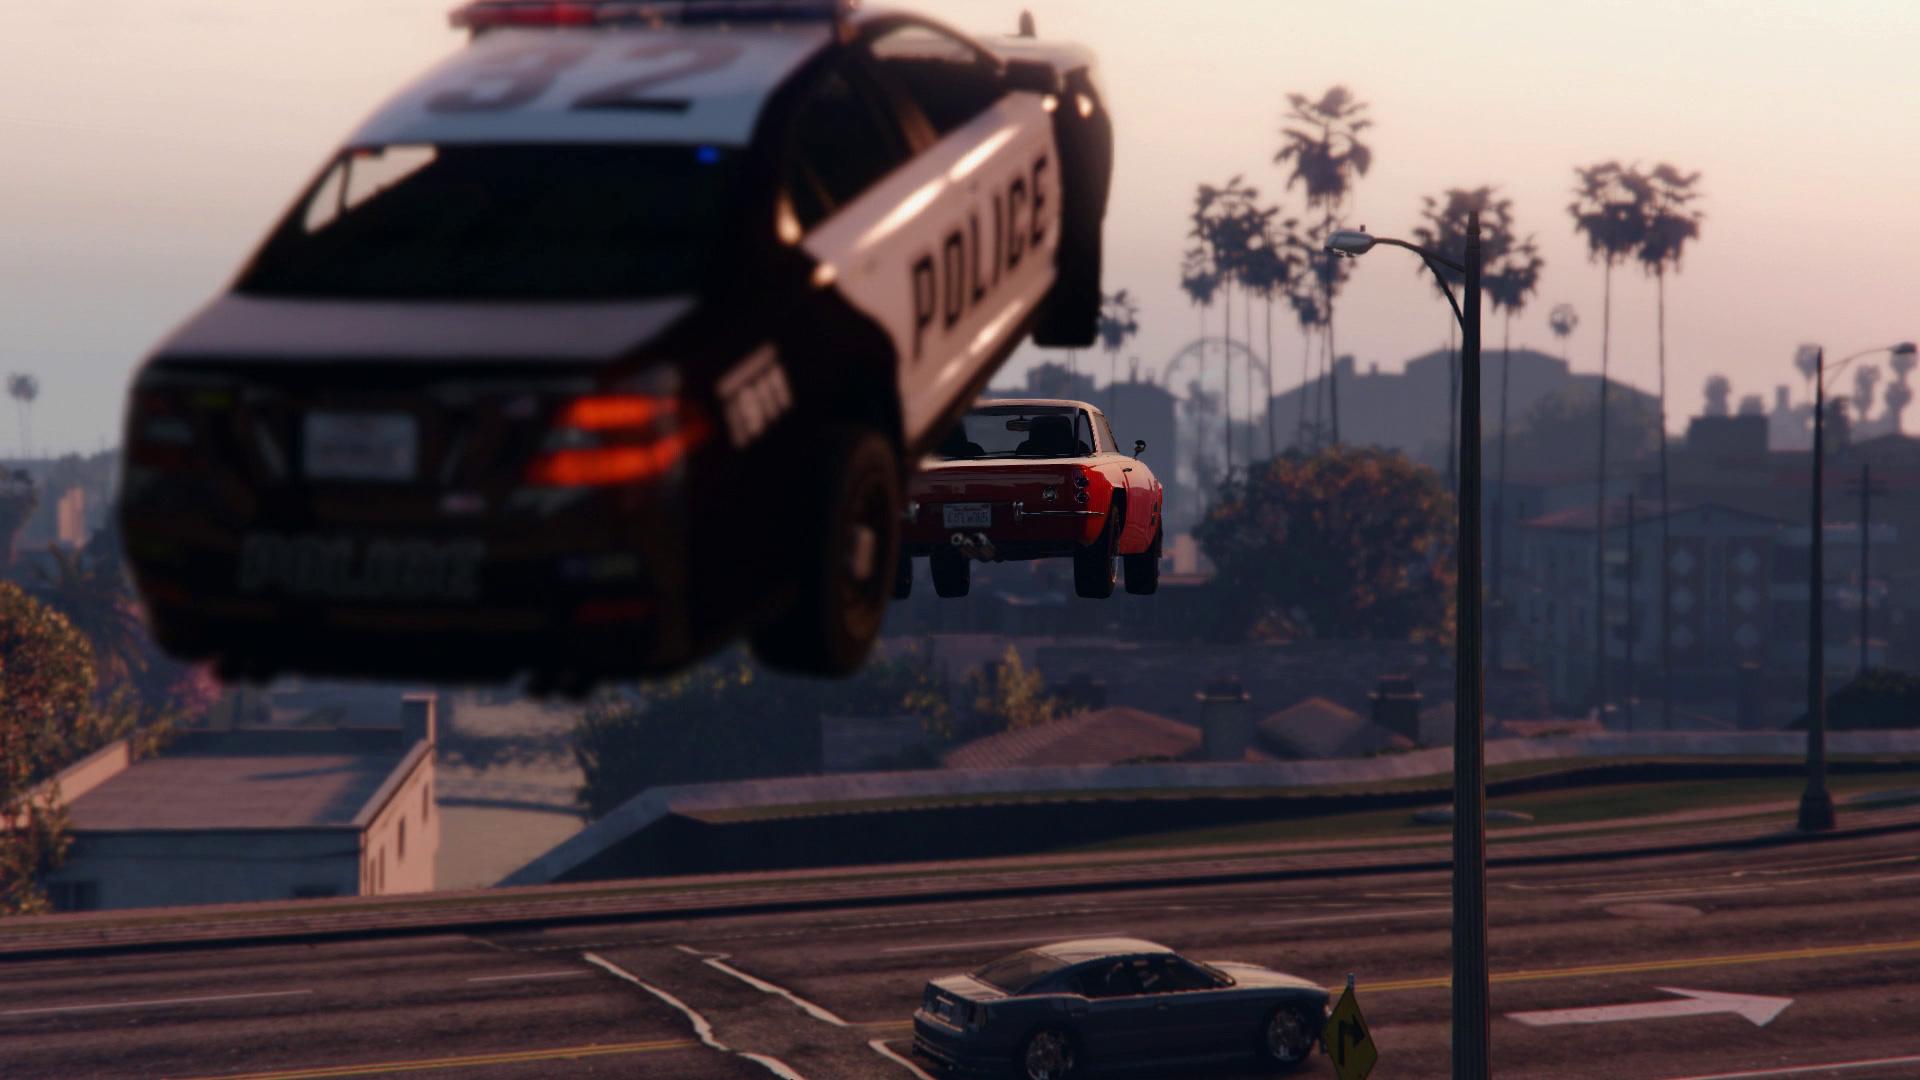 Grand Theft Auto 5 - Rockstar Editors screencap 1920